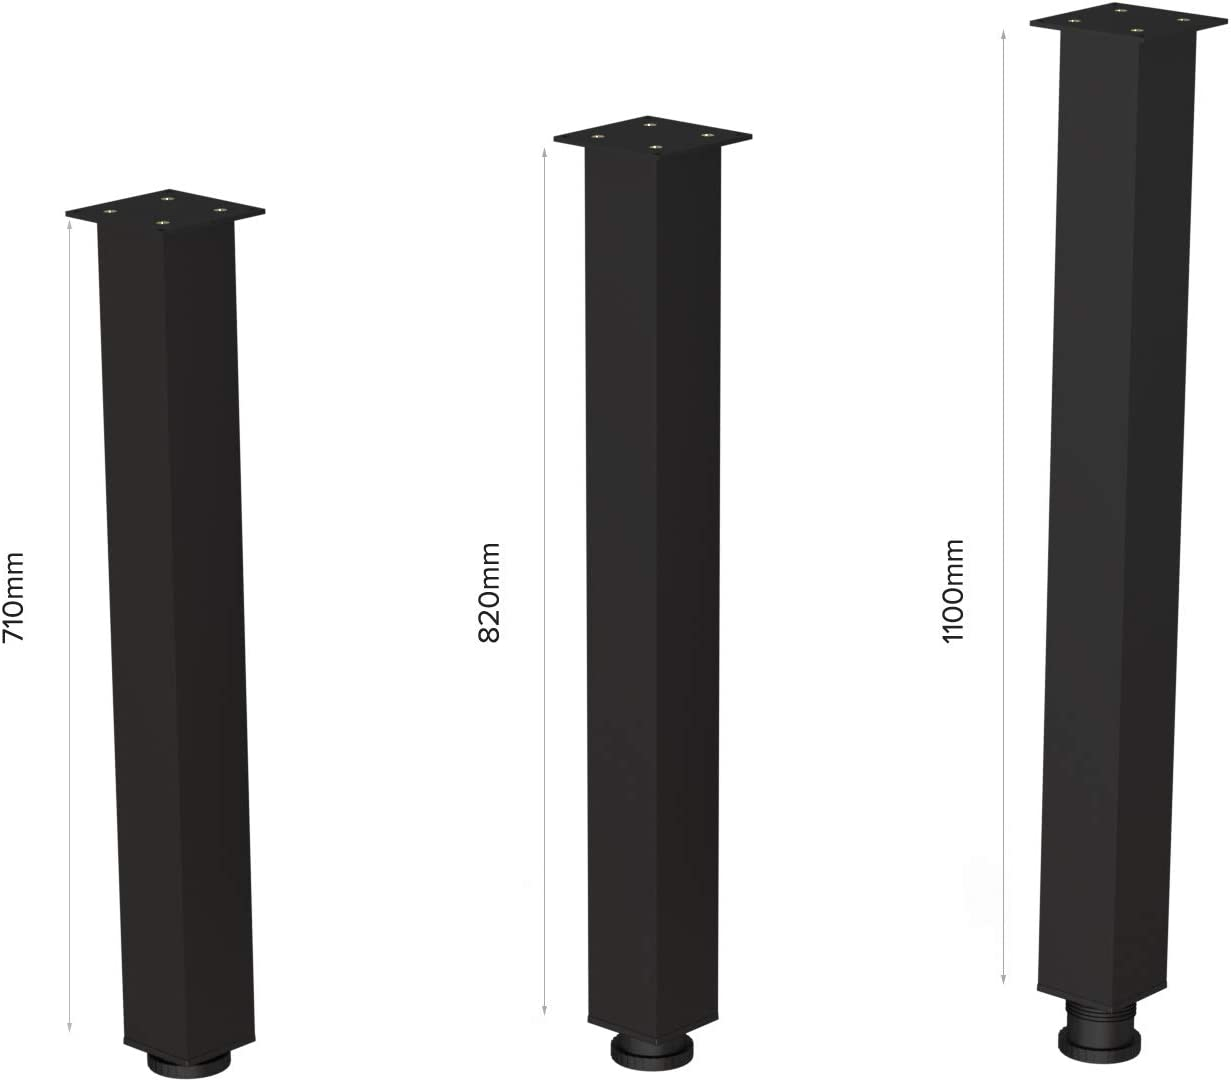 Gambe Tavolo Regolabili Set Gambe Tavolo Kit Di 4 Piedi Gambe Per Tavolo Altezza Regolabile 710 mm Accessori di Montaggio Inclusi